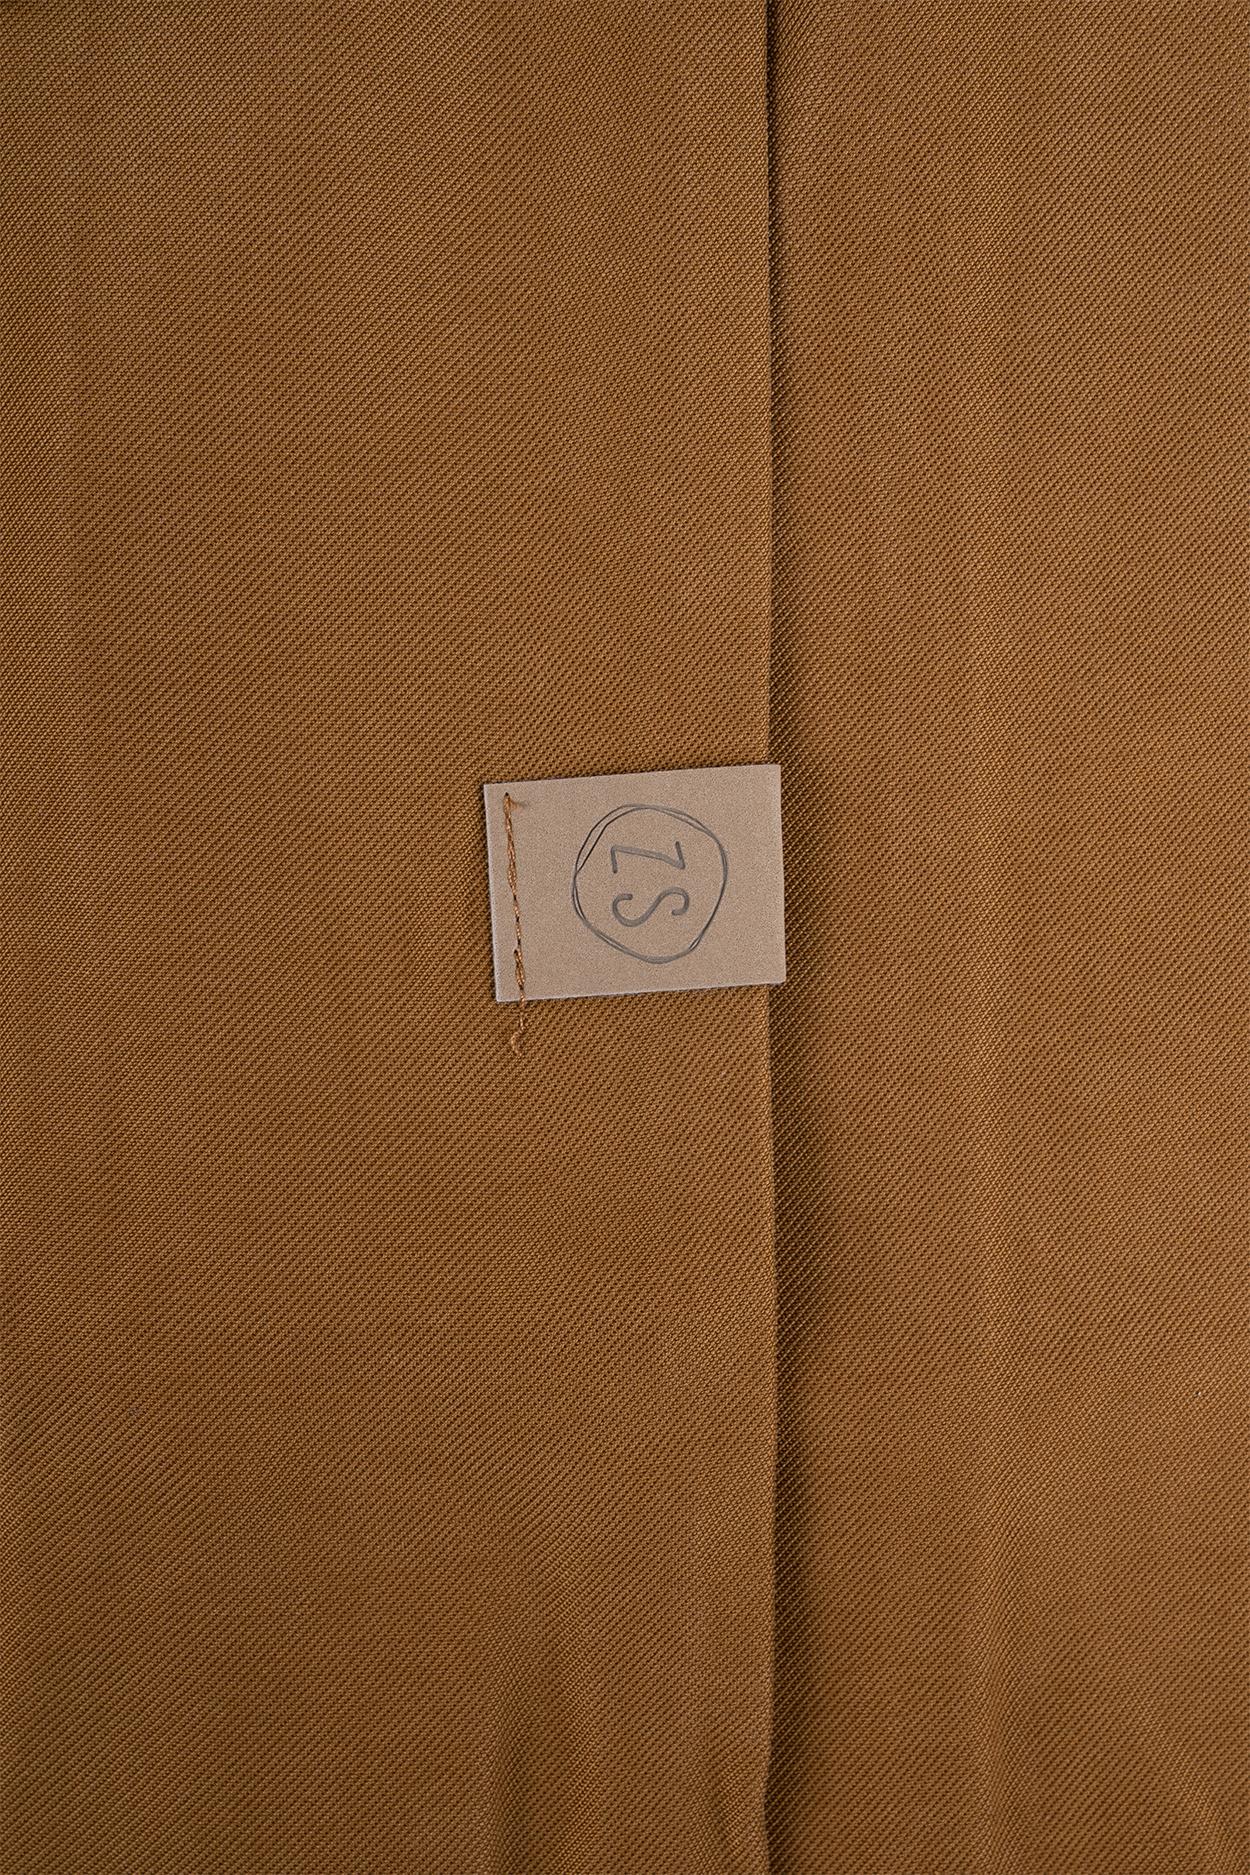 18892fd58e65b5 Zusss Hippe jassen koop je natuurlijk bij Label123!! - label123